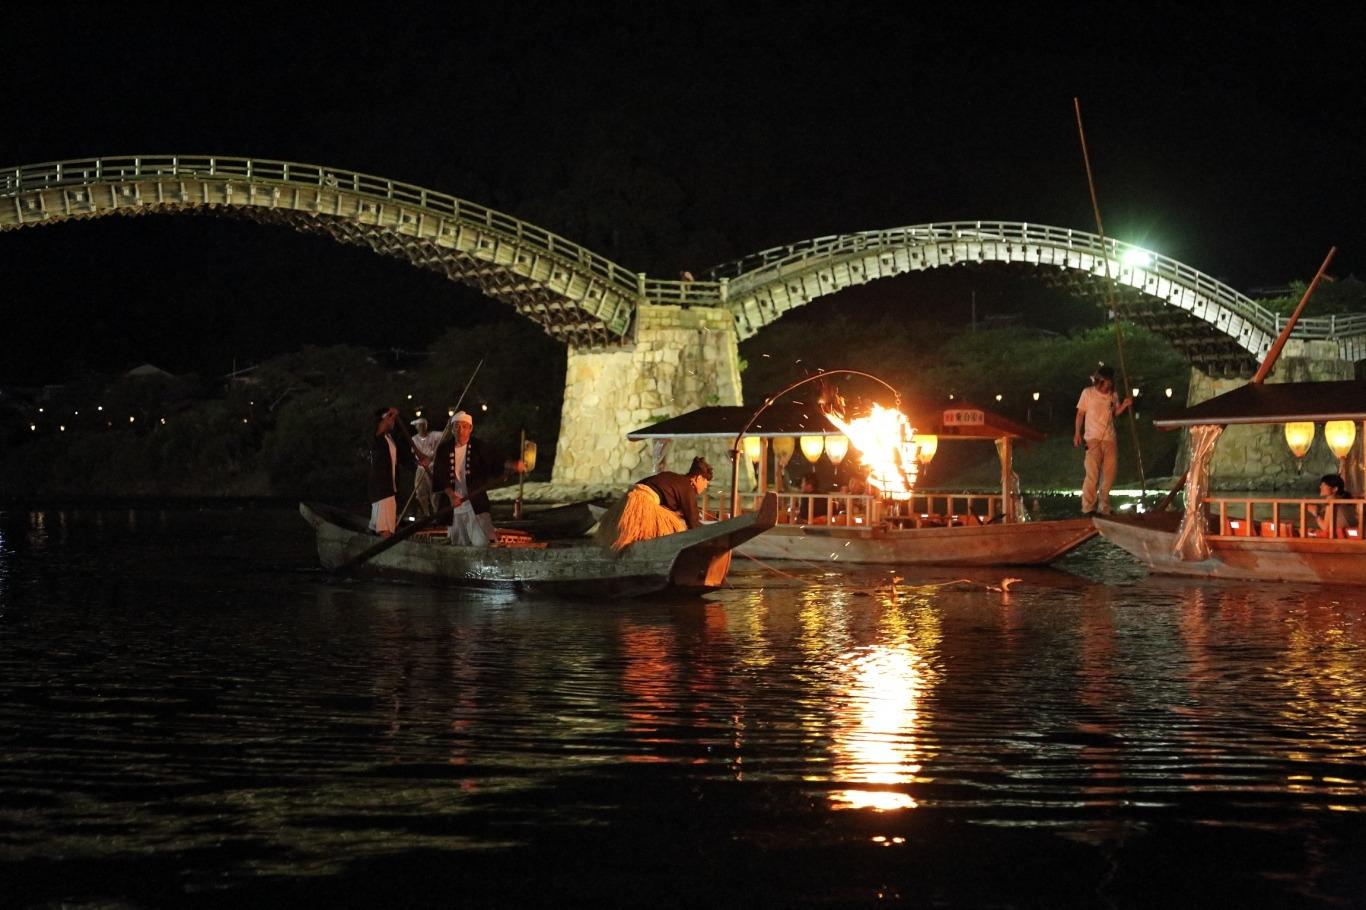 4. 锦带桥